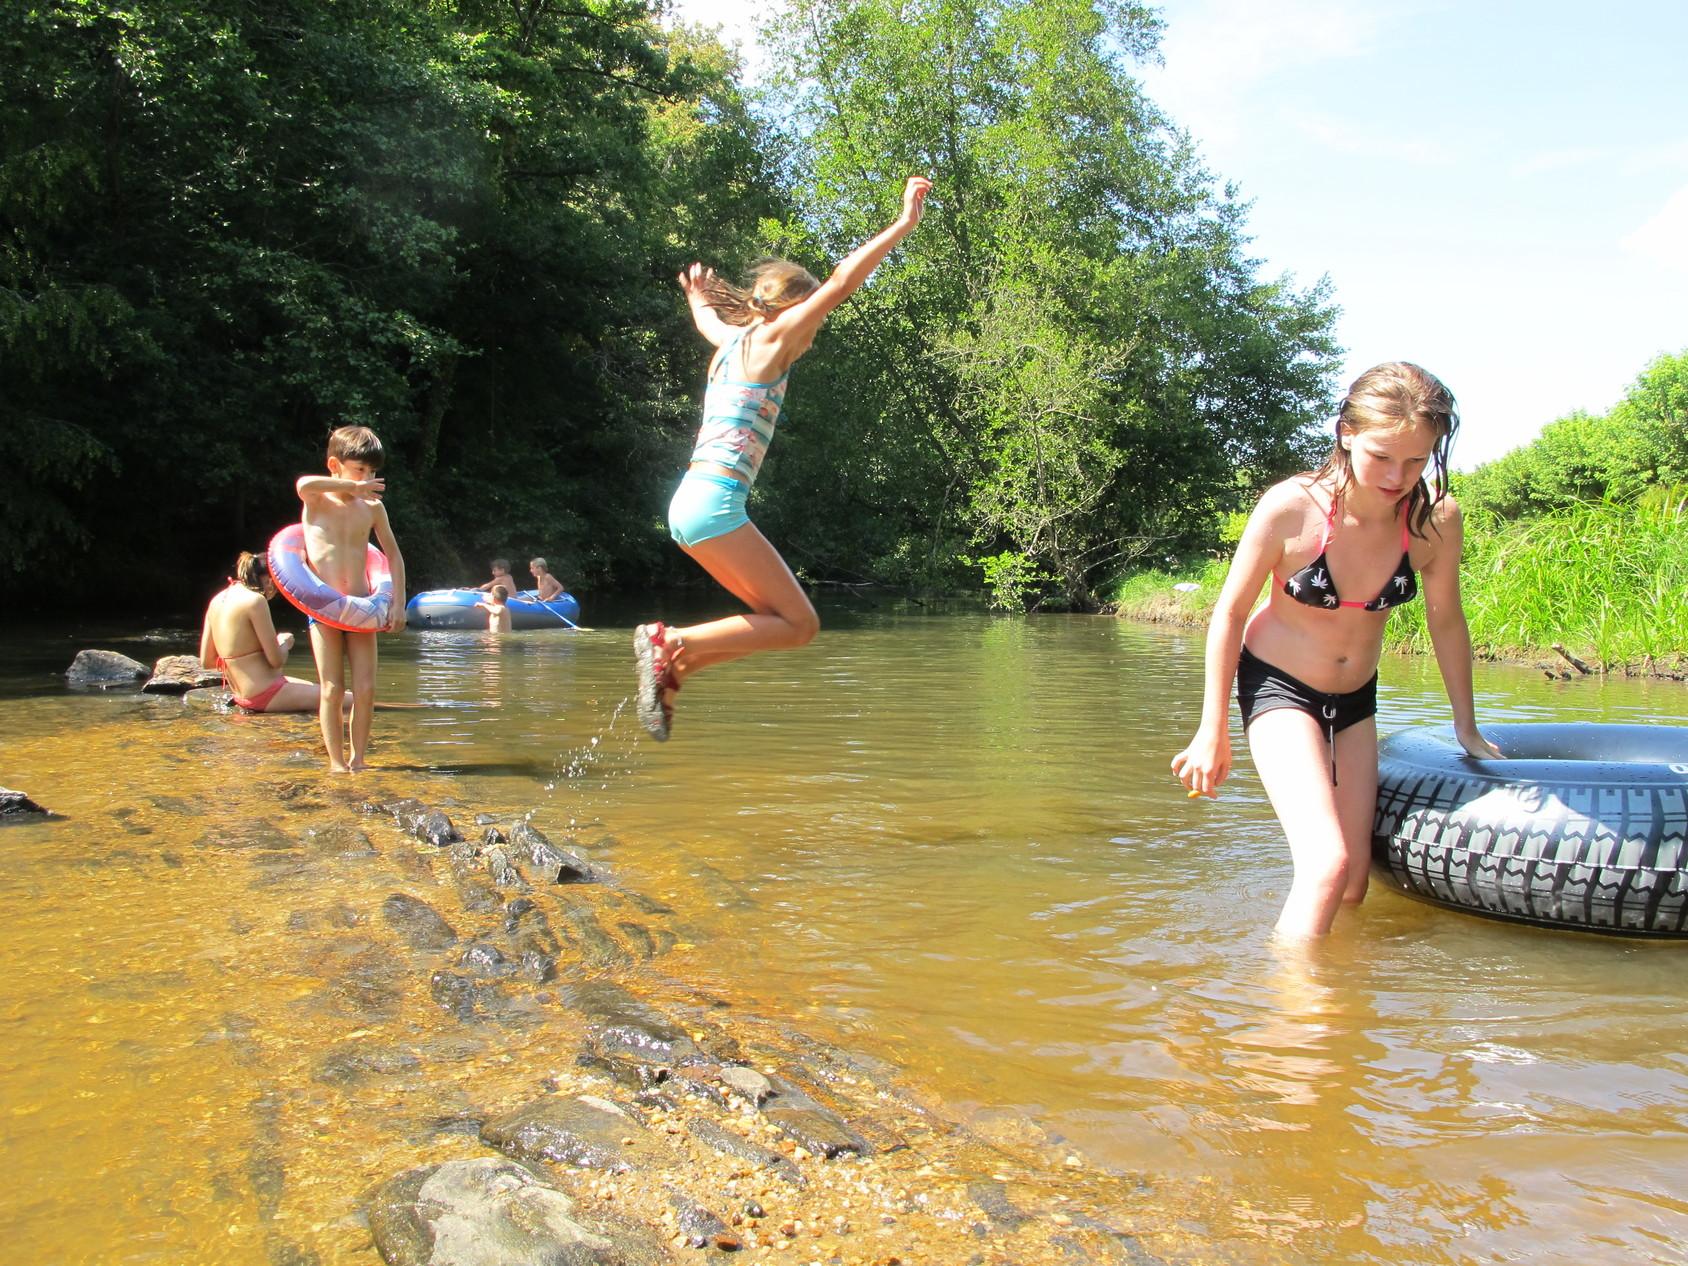 Frankrijk-JumilhacleGrand-Camping%20La%20Chatonniere-ExtraLarge Wintersport Frankrijk Pagina 3 van 55